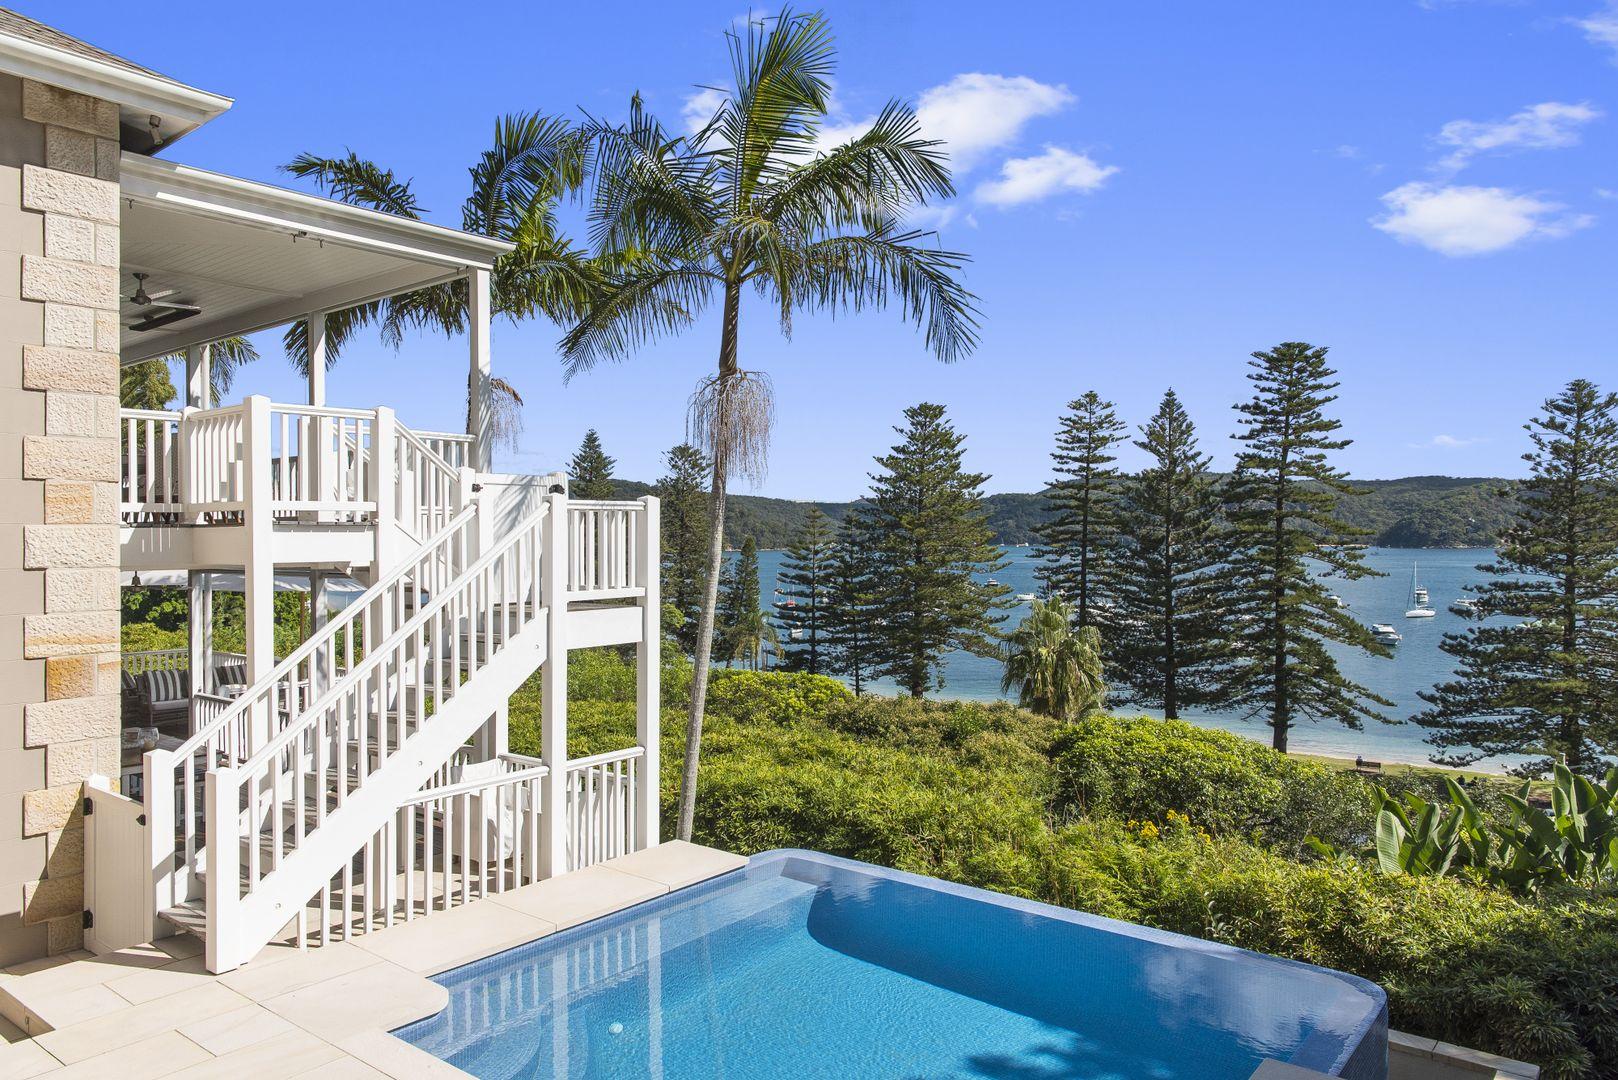 21a-b Palm Beach Road Road, Palm Beach NSW 2108, Image 0